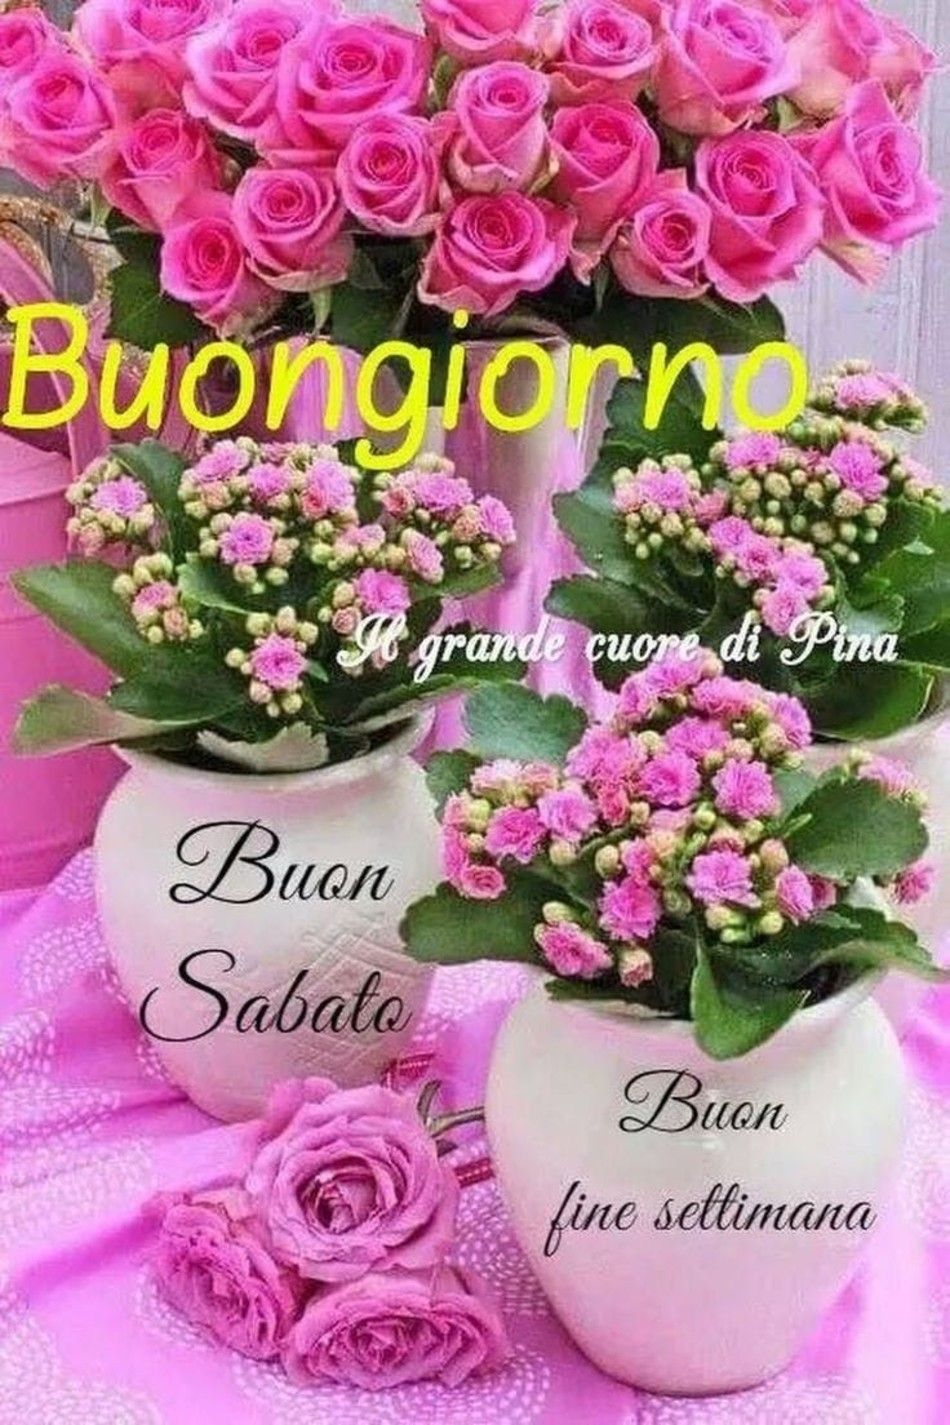 Belle Immagini Buon Sabato Con I Fiori 28 Buongiorno